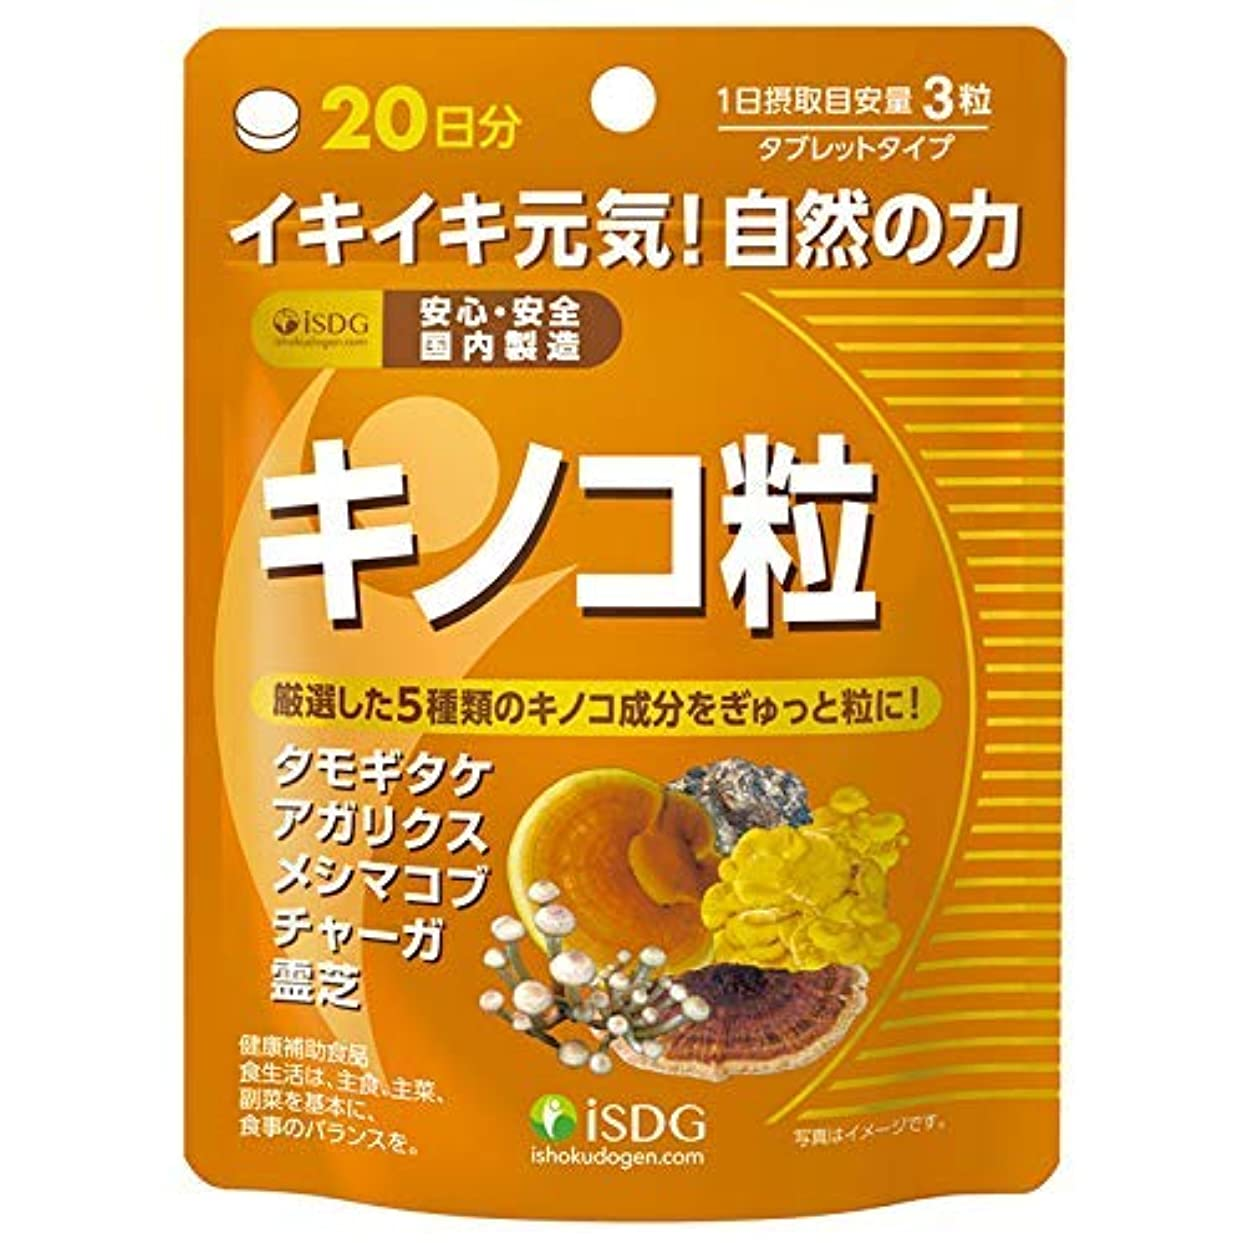 生理伝導レジ医食同源ドットコム ISDG 医食同源 キノコ 60粒×5個セット